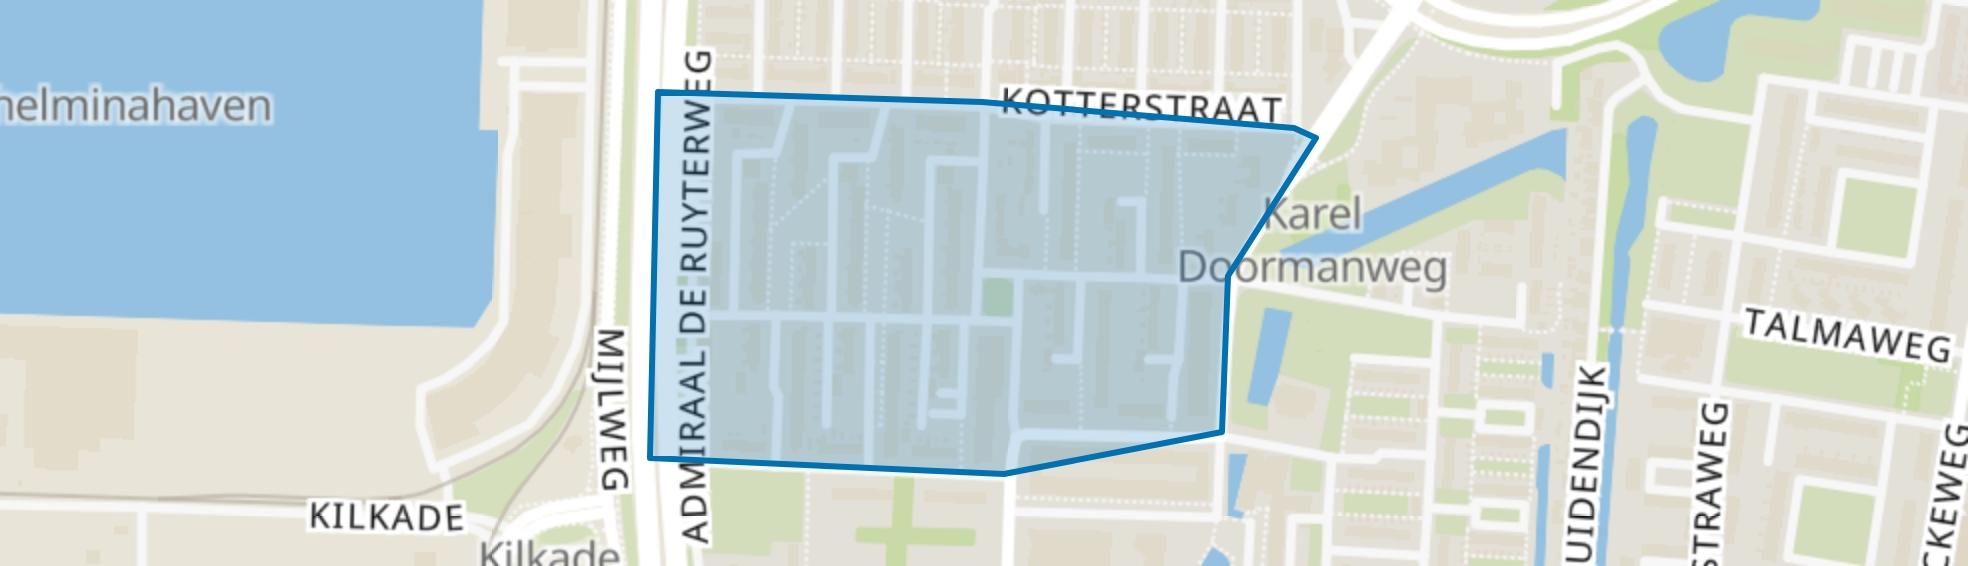 Van Ewijckstraat en omgeving, Dordrecht map